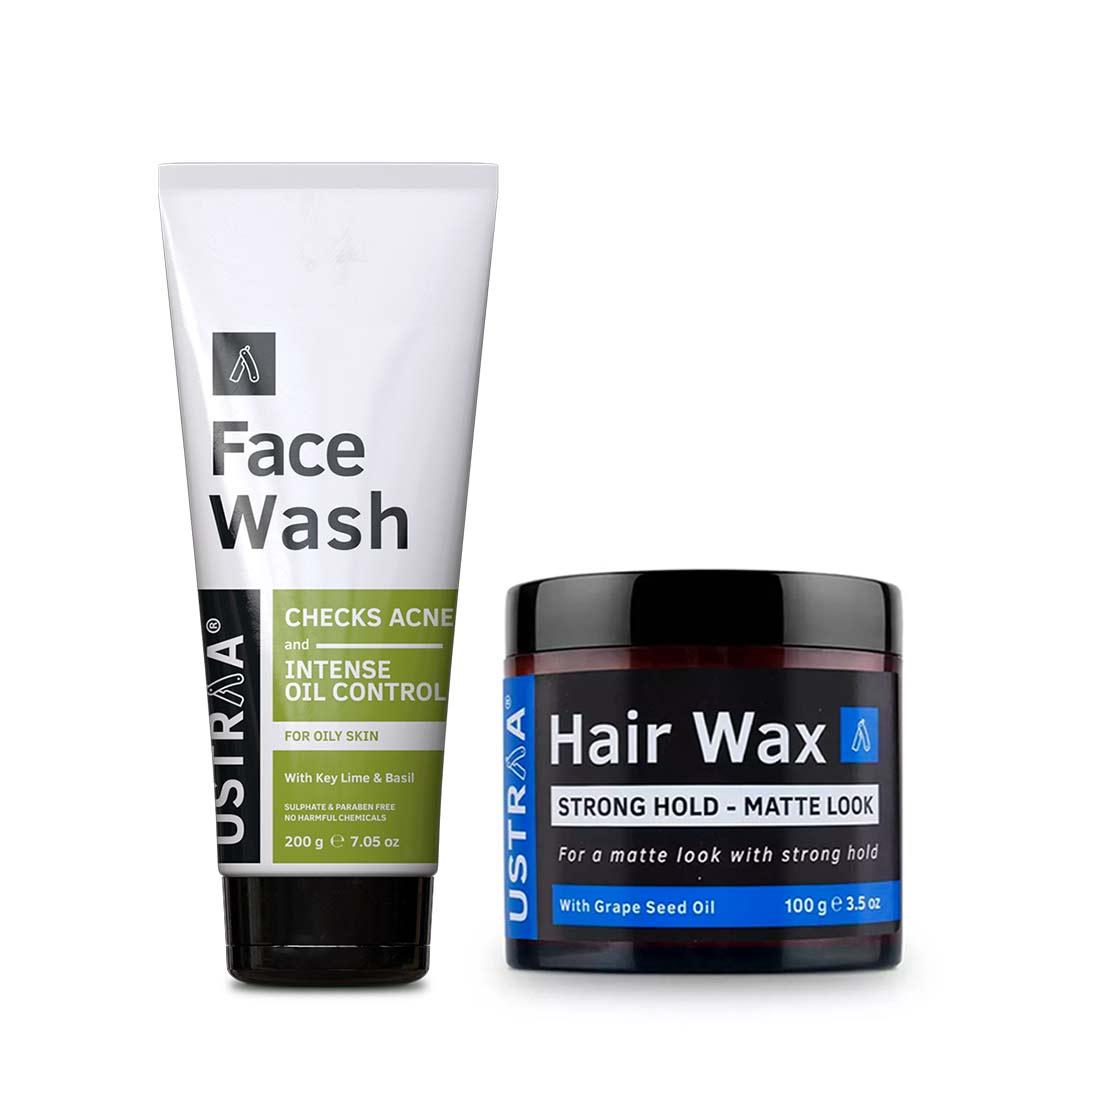 Ustraa | Ustraa Hair Wax Matte look 100 g & Face Wash - Oily Skin 200 g